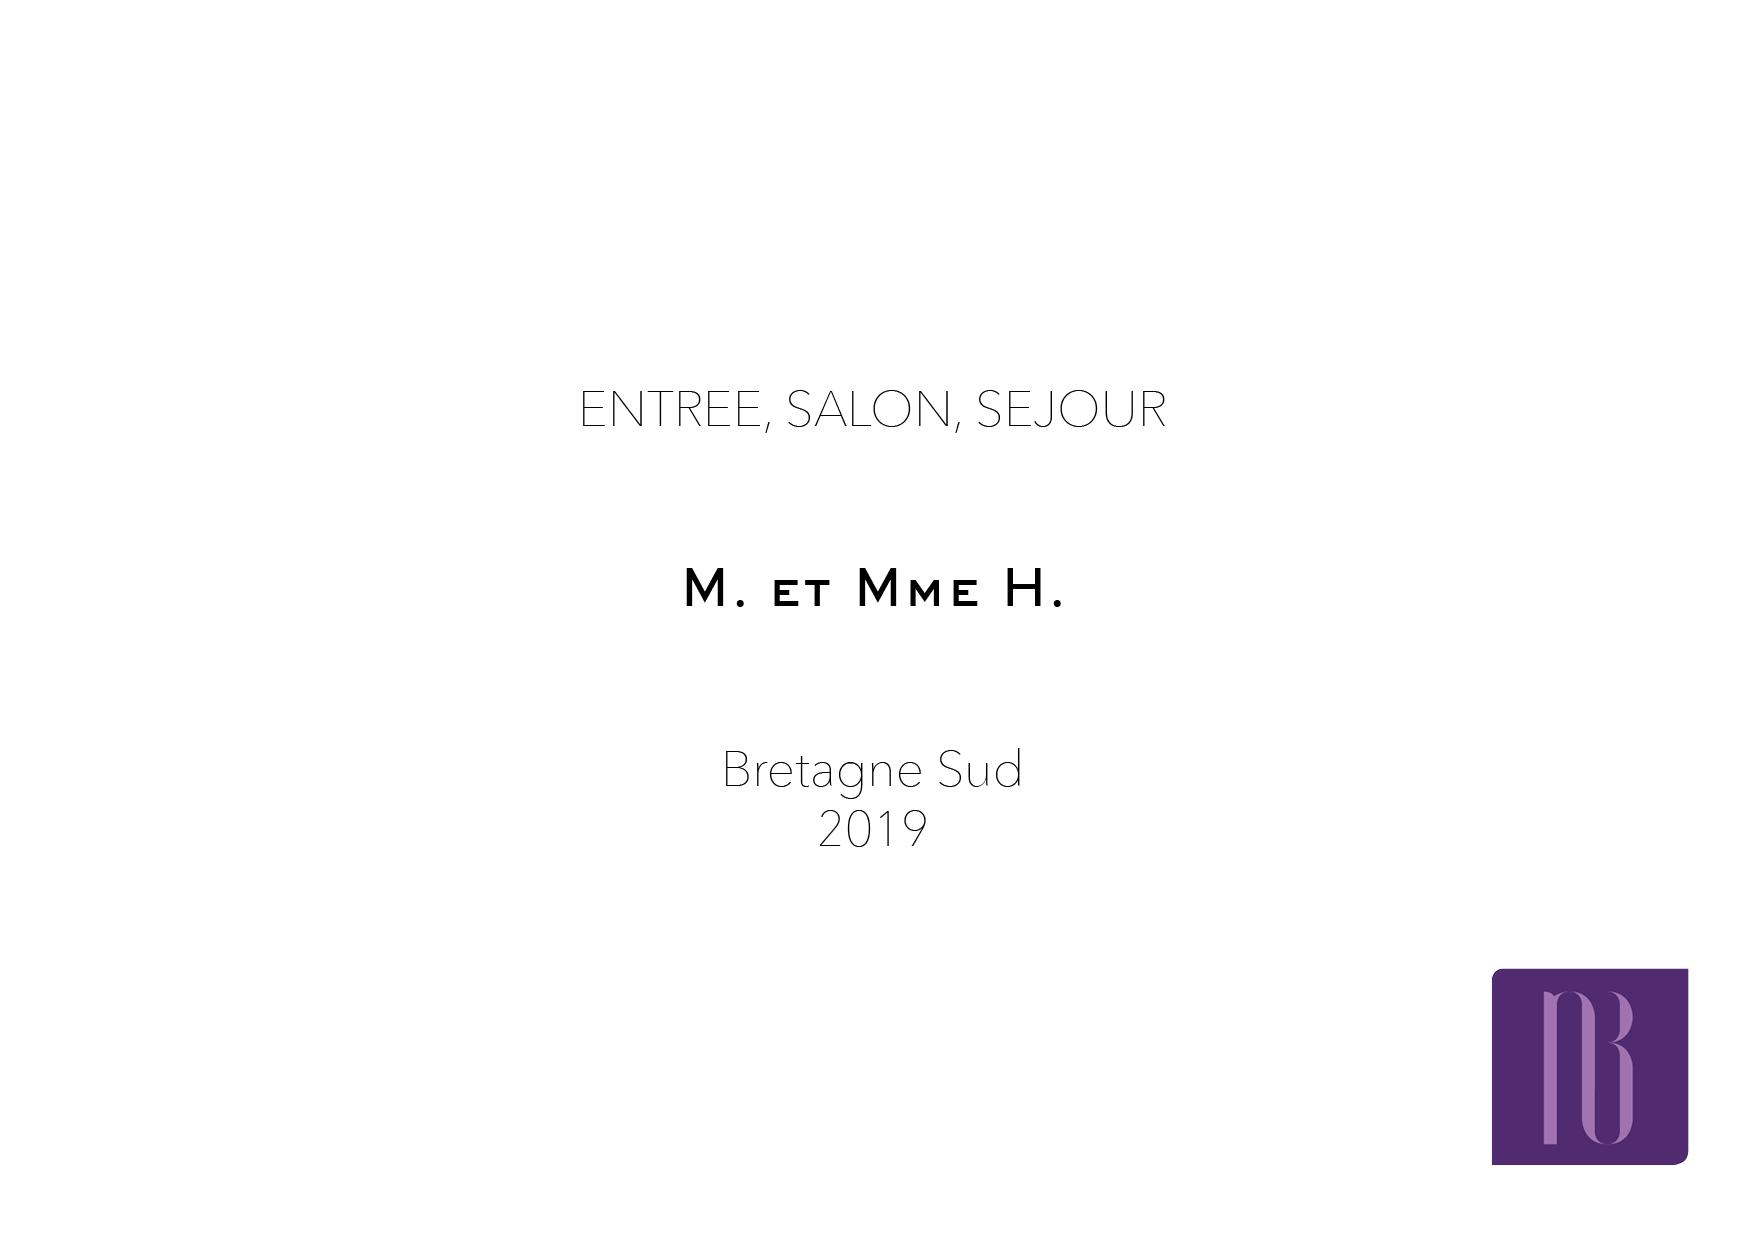 Nathalie Bossard décoration architecture intérieur Rennes 35 UFDI-390 Book déco maison individuelle bretagne sud 2019